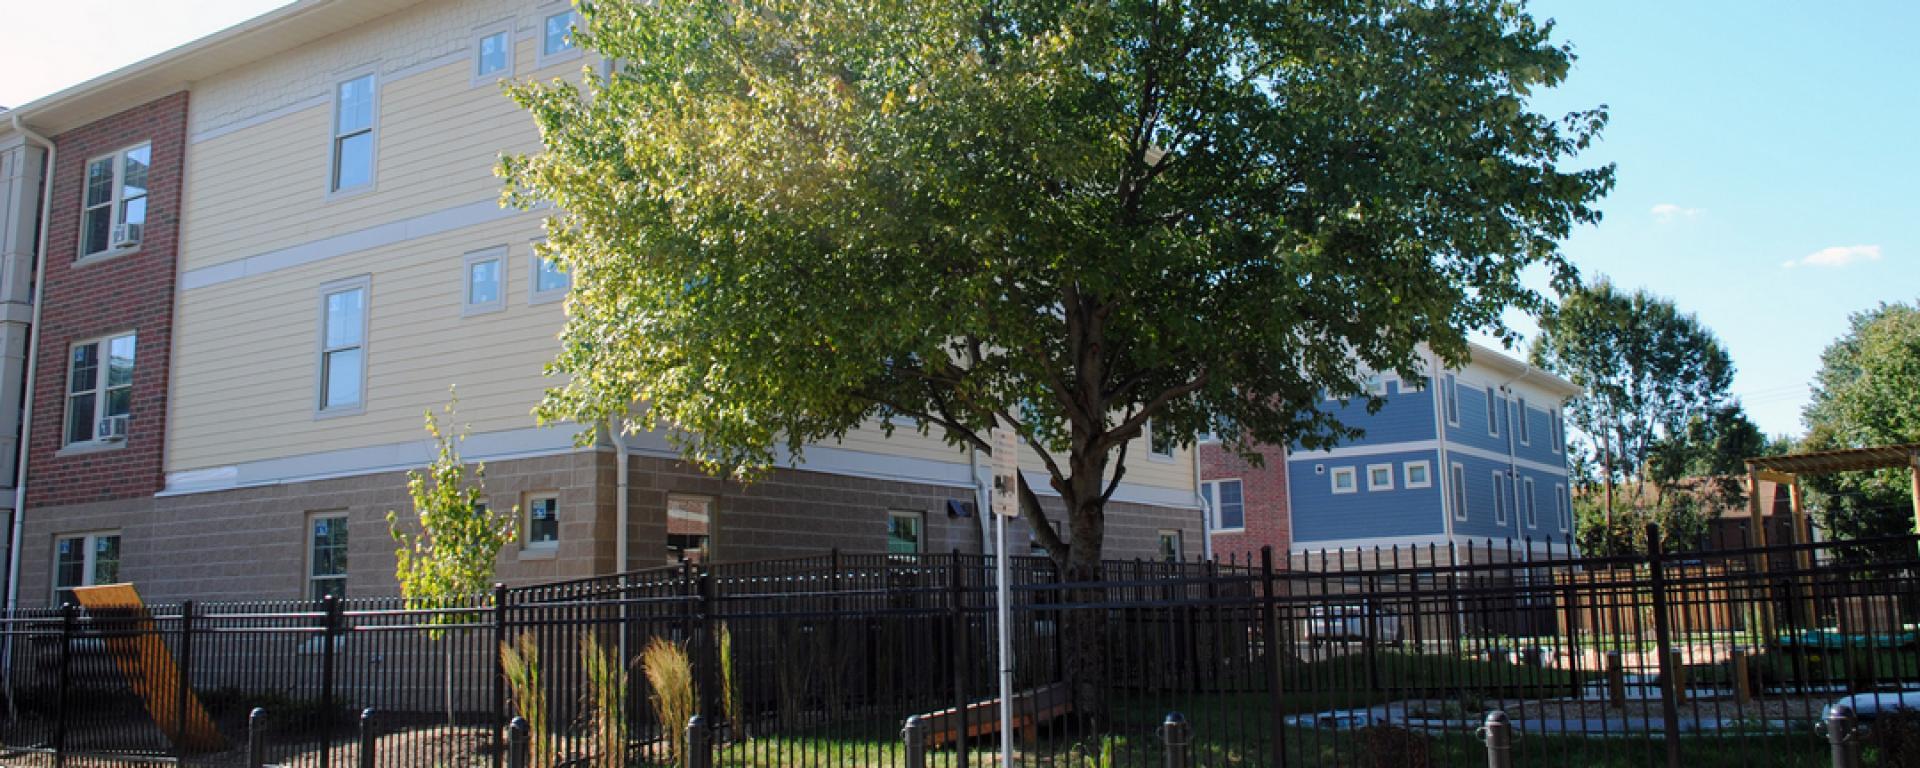 Landscape view of Scholar House